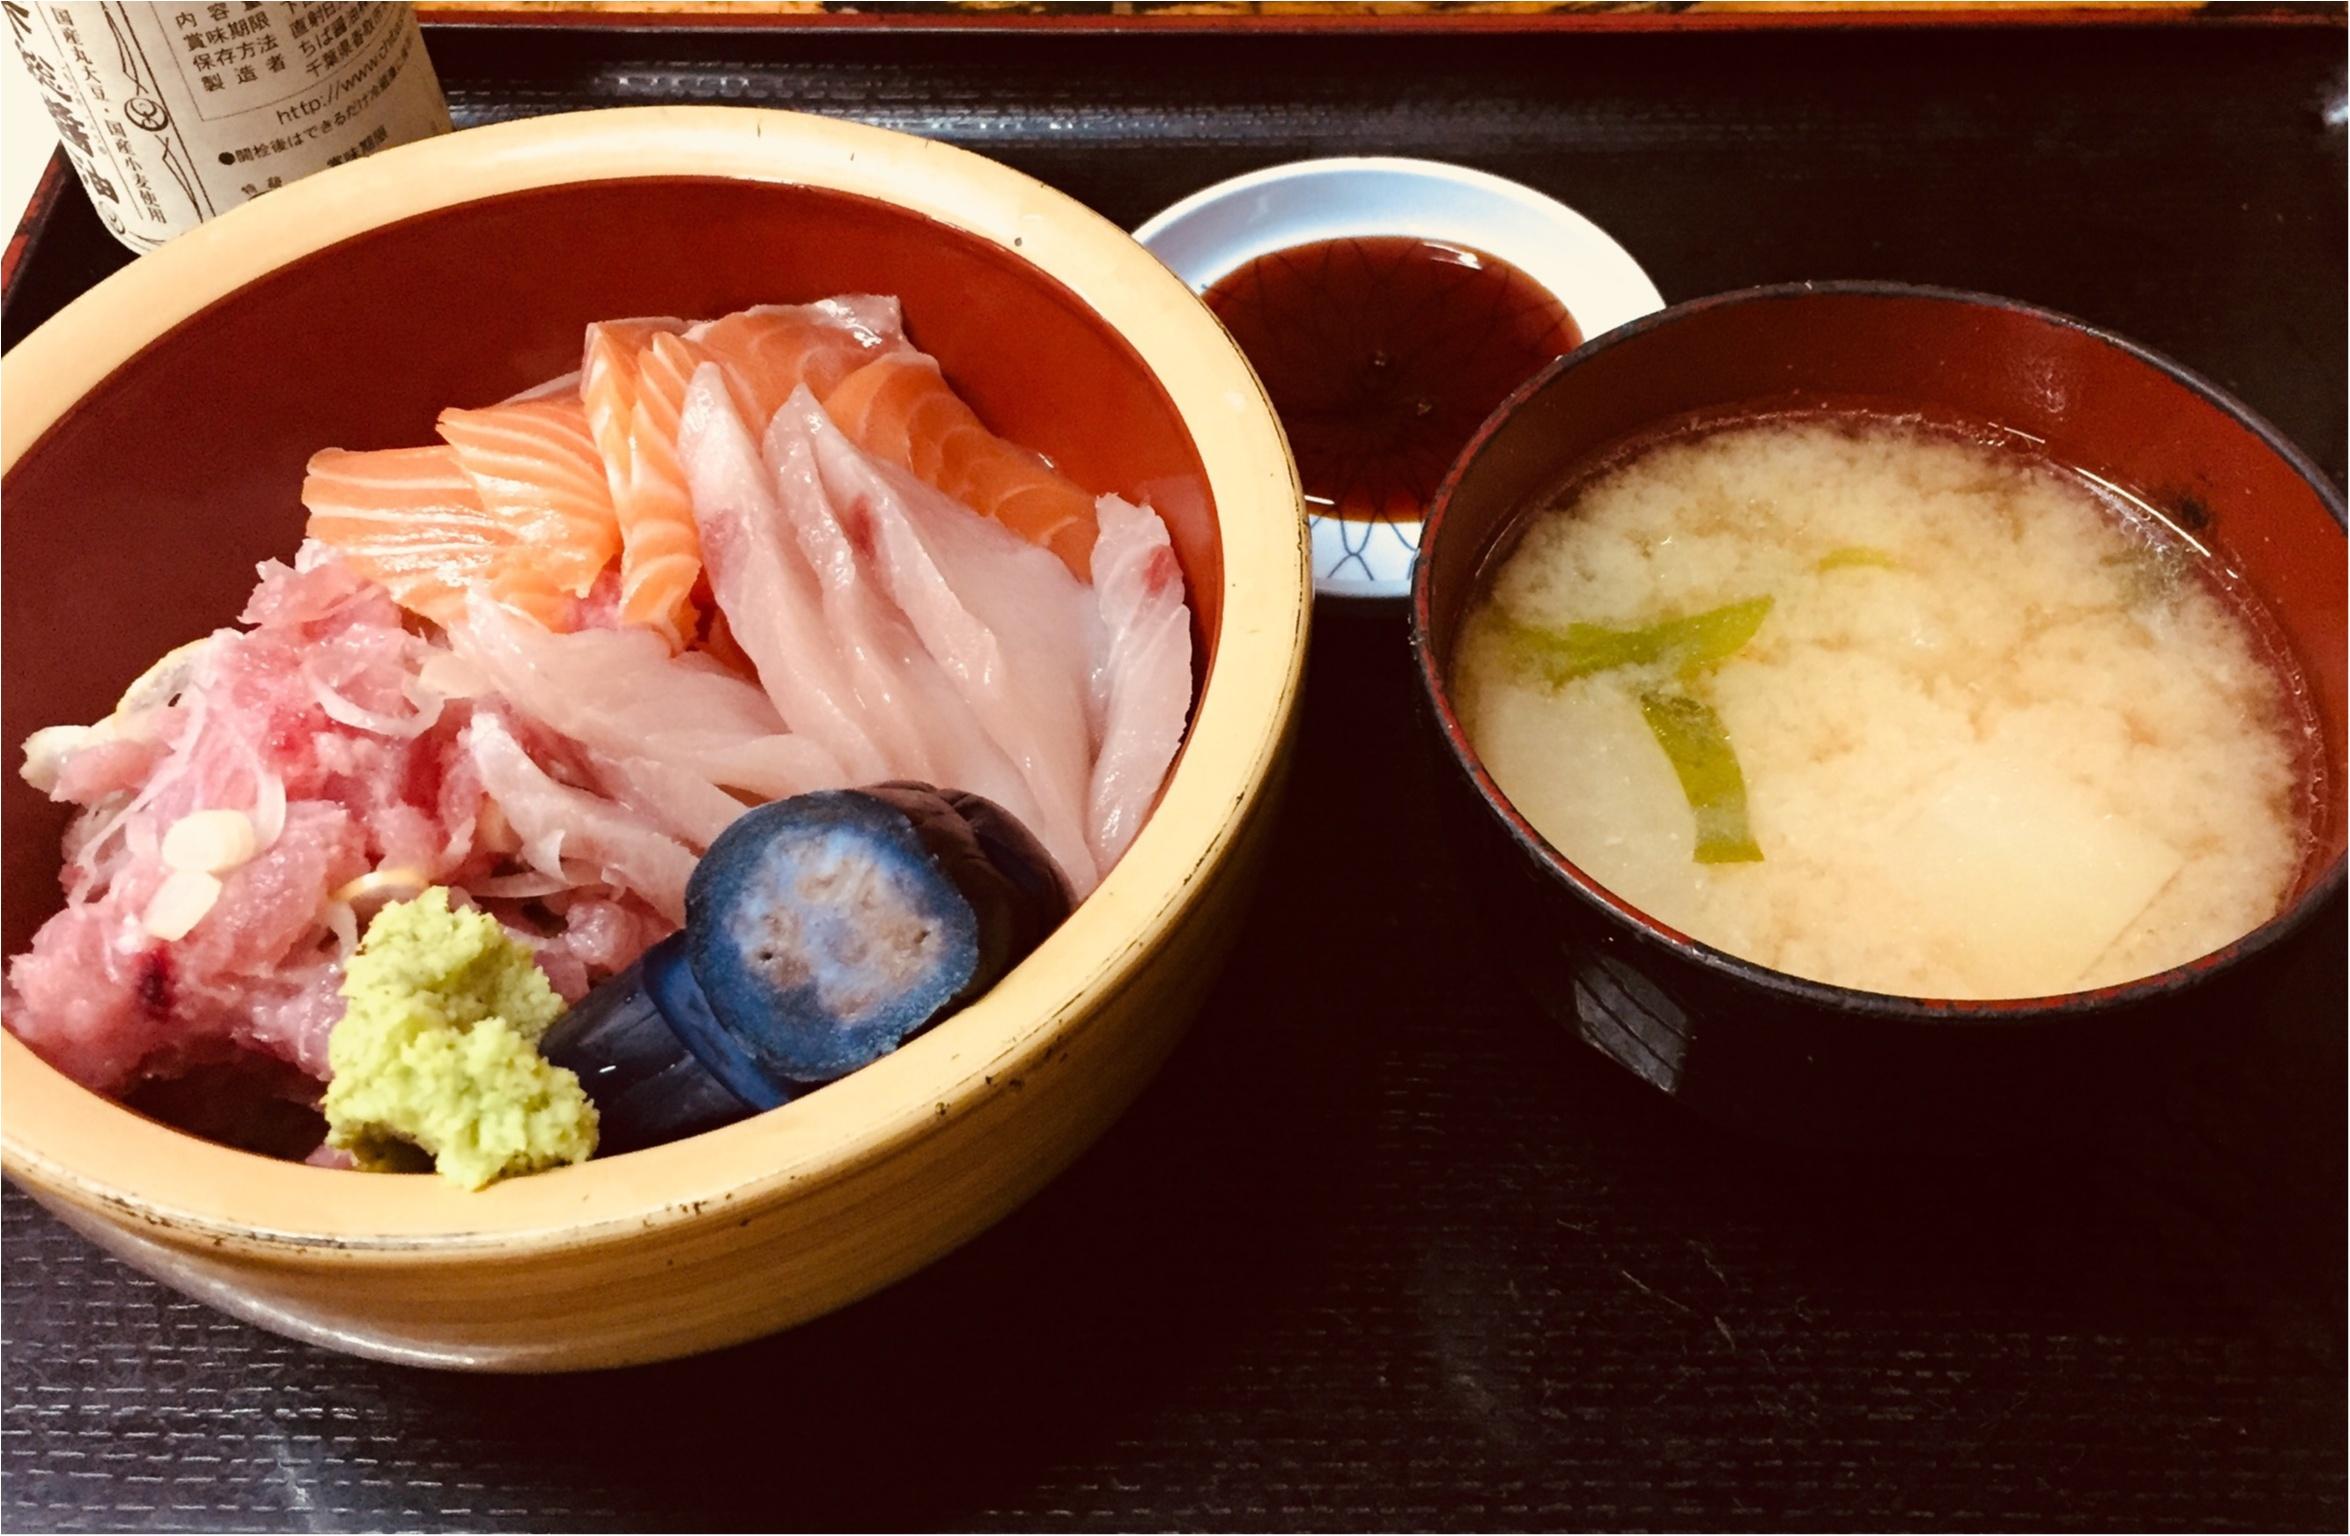 《新宿でお魚が食べたい時はココへ行くべし☝︎★》コスパ◎味も抜群!タカマル鮮魚店^^_3